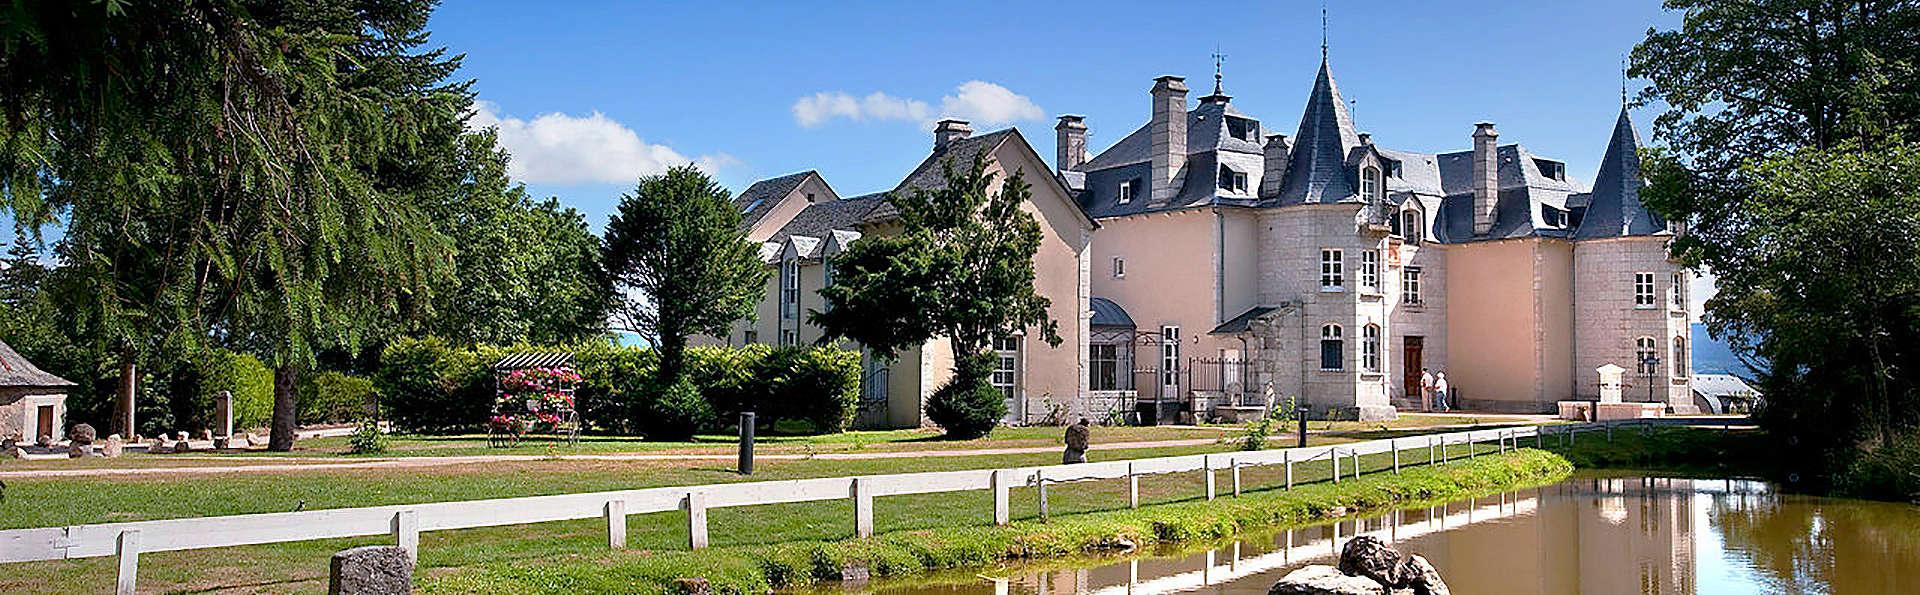 Château d'Orfeuillette  - EDIT_Exterior1.jpg